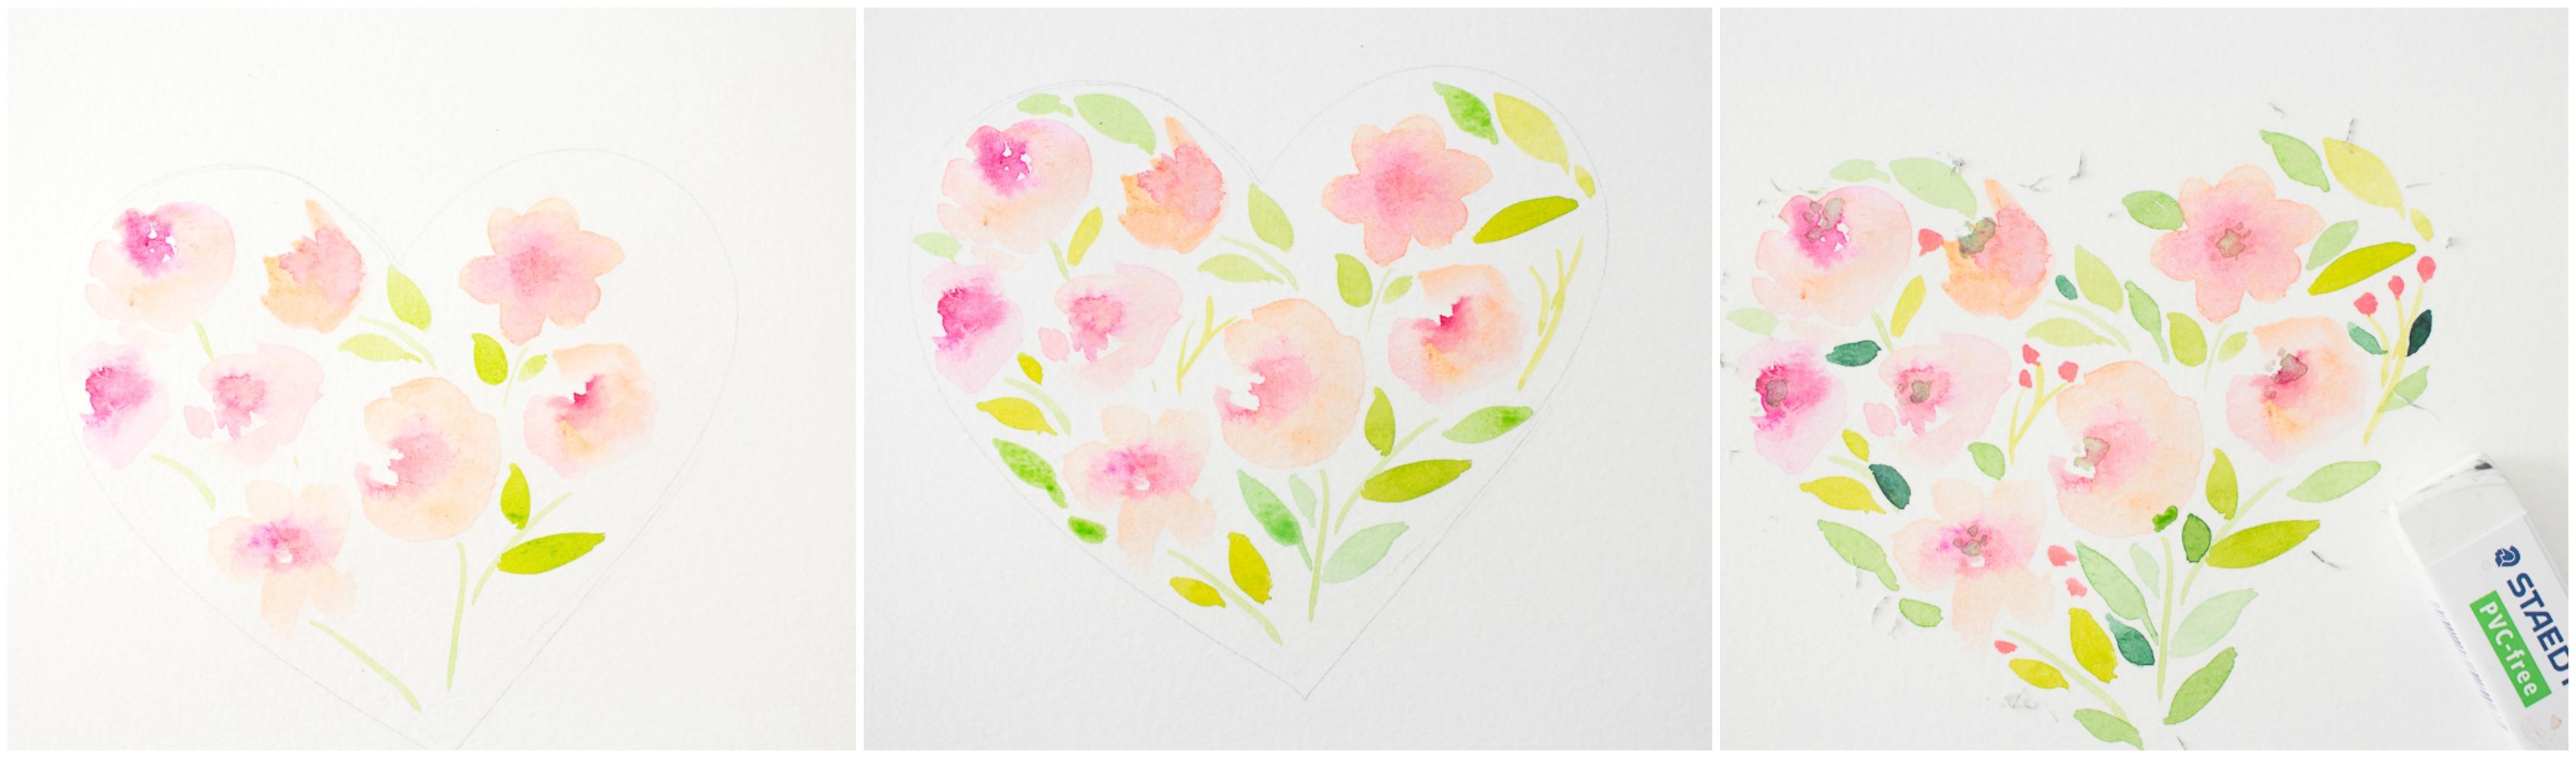 heartwatercolortutorial2